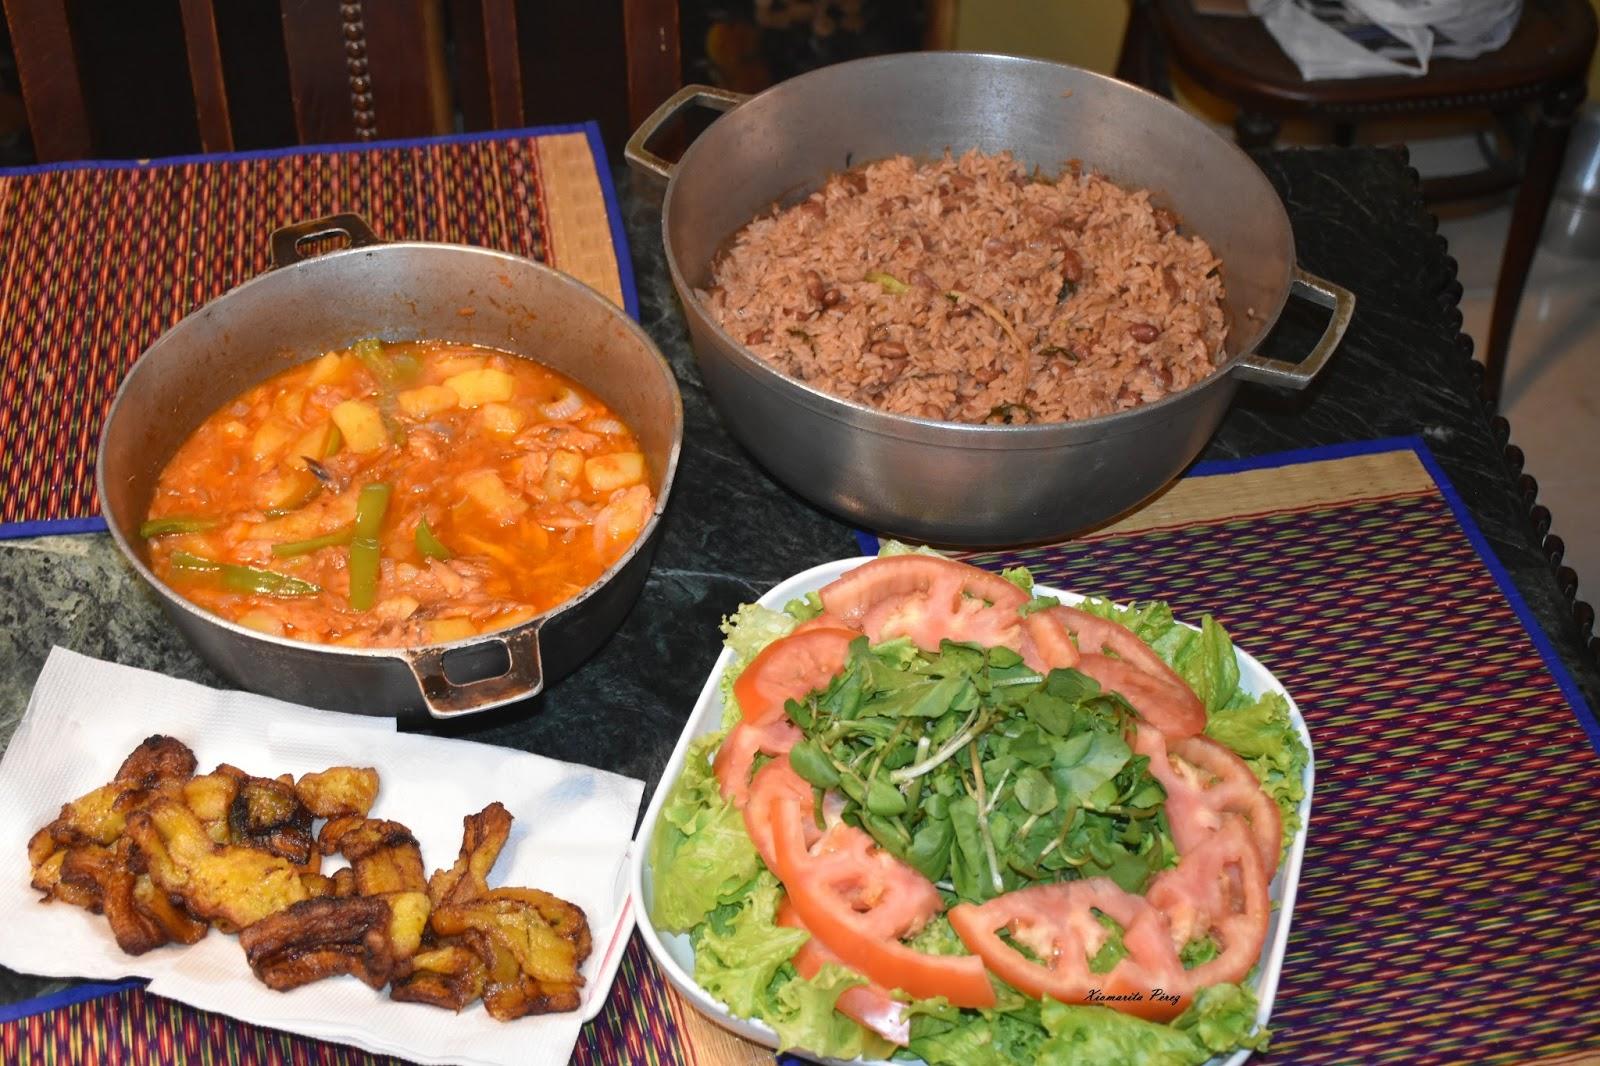 comida tradicional dominicana folklore dominicano